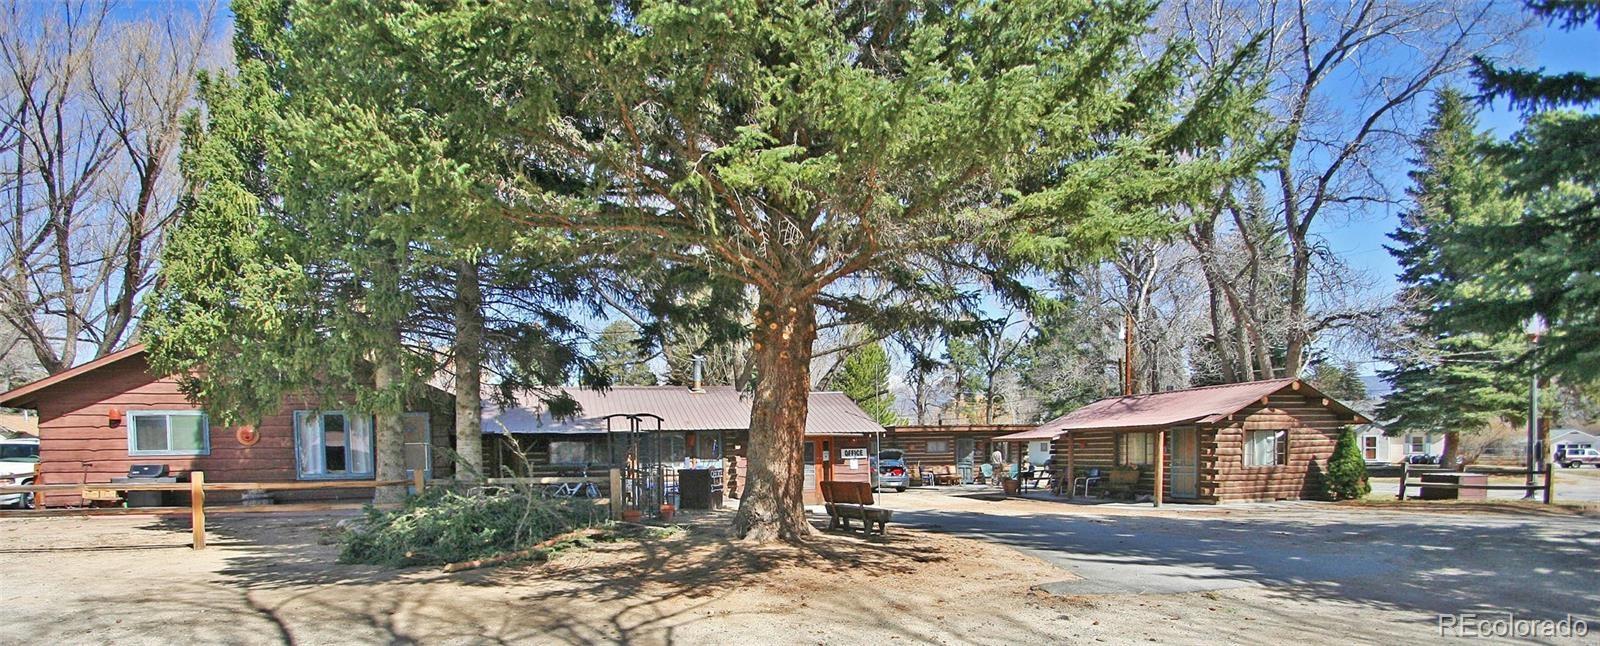 MLS# 3448123 - 15 - 1004 W Main Street, Buena Vista, CO 81211